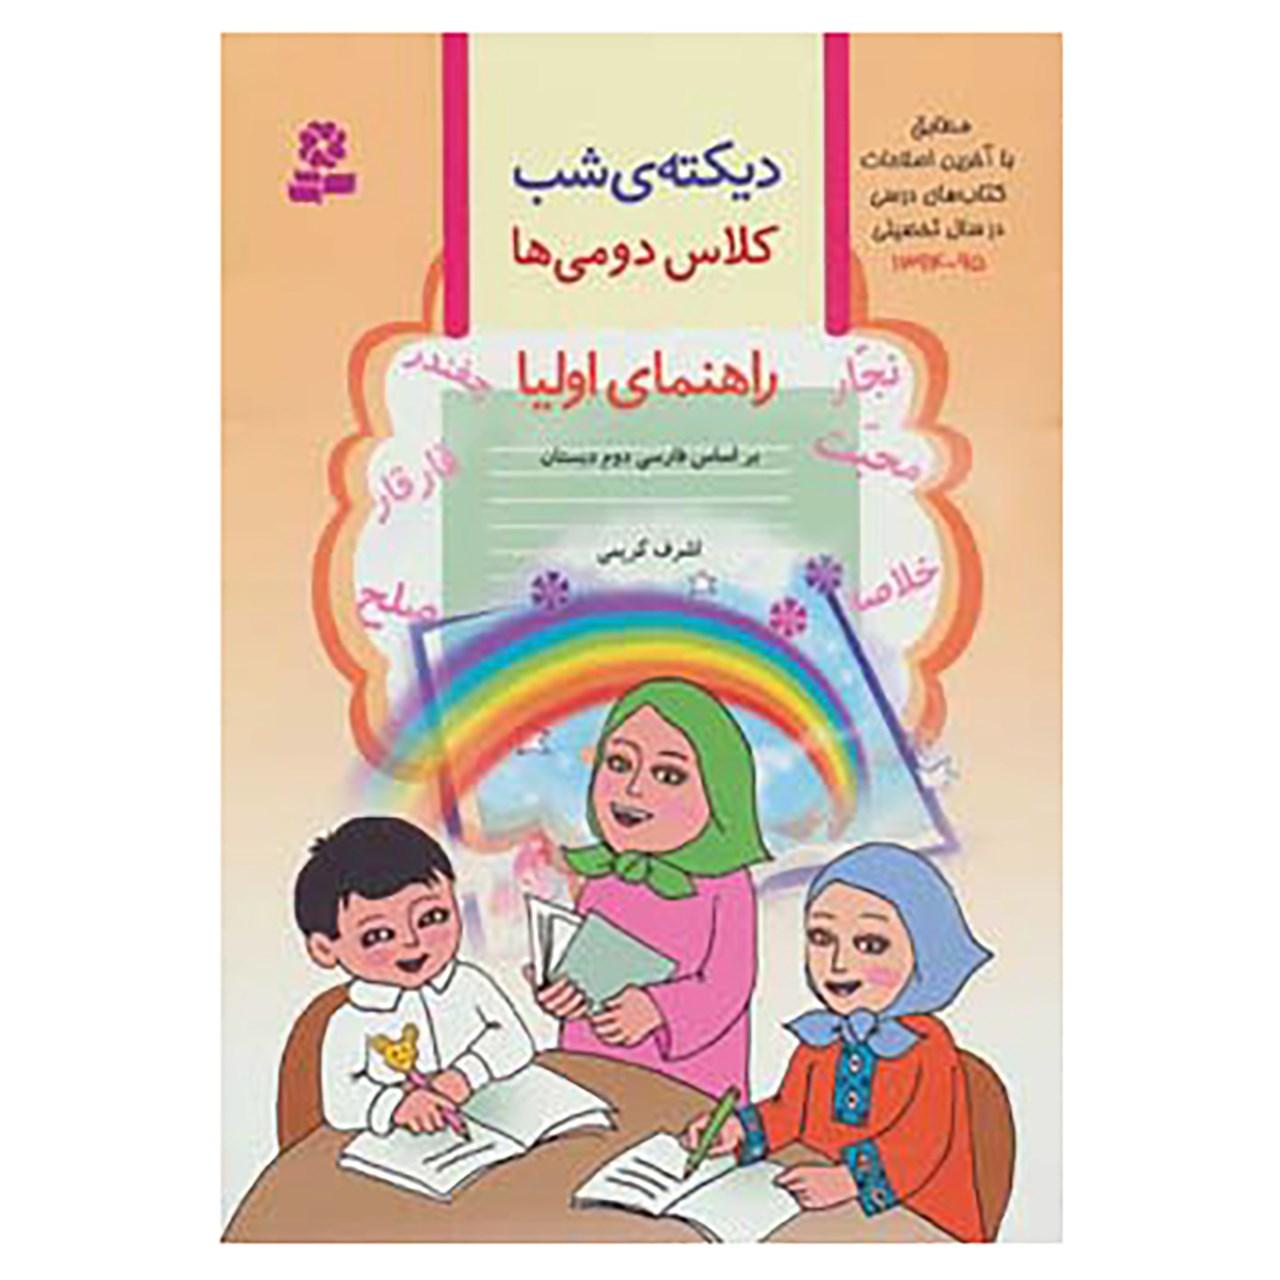 کتاب دیکته ی شب کلاس دومی ها اثر اشرف کریمی